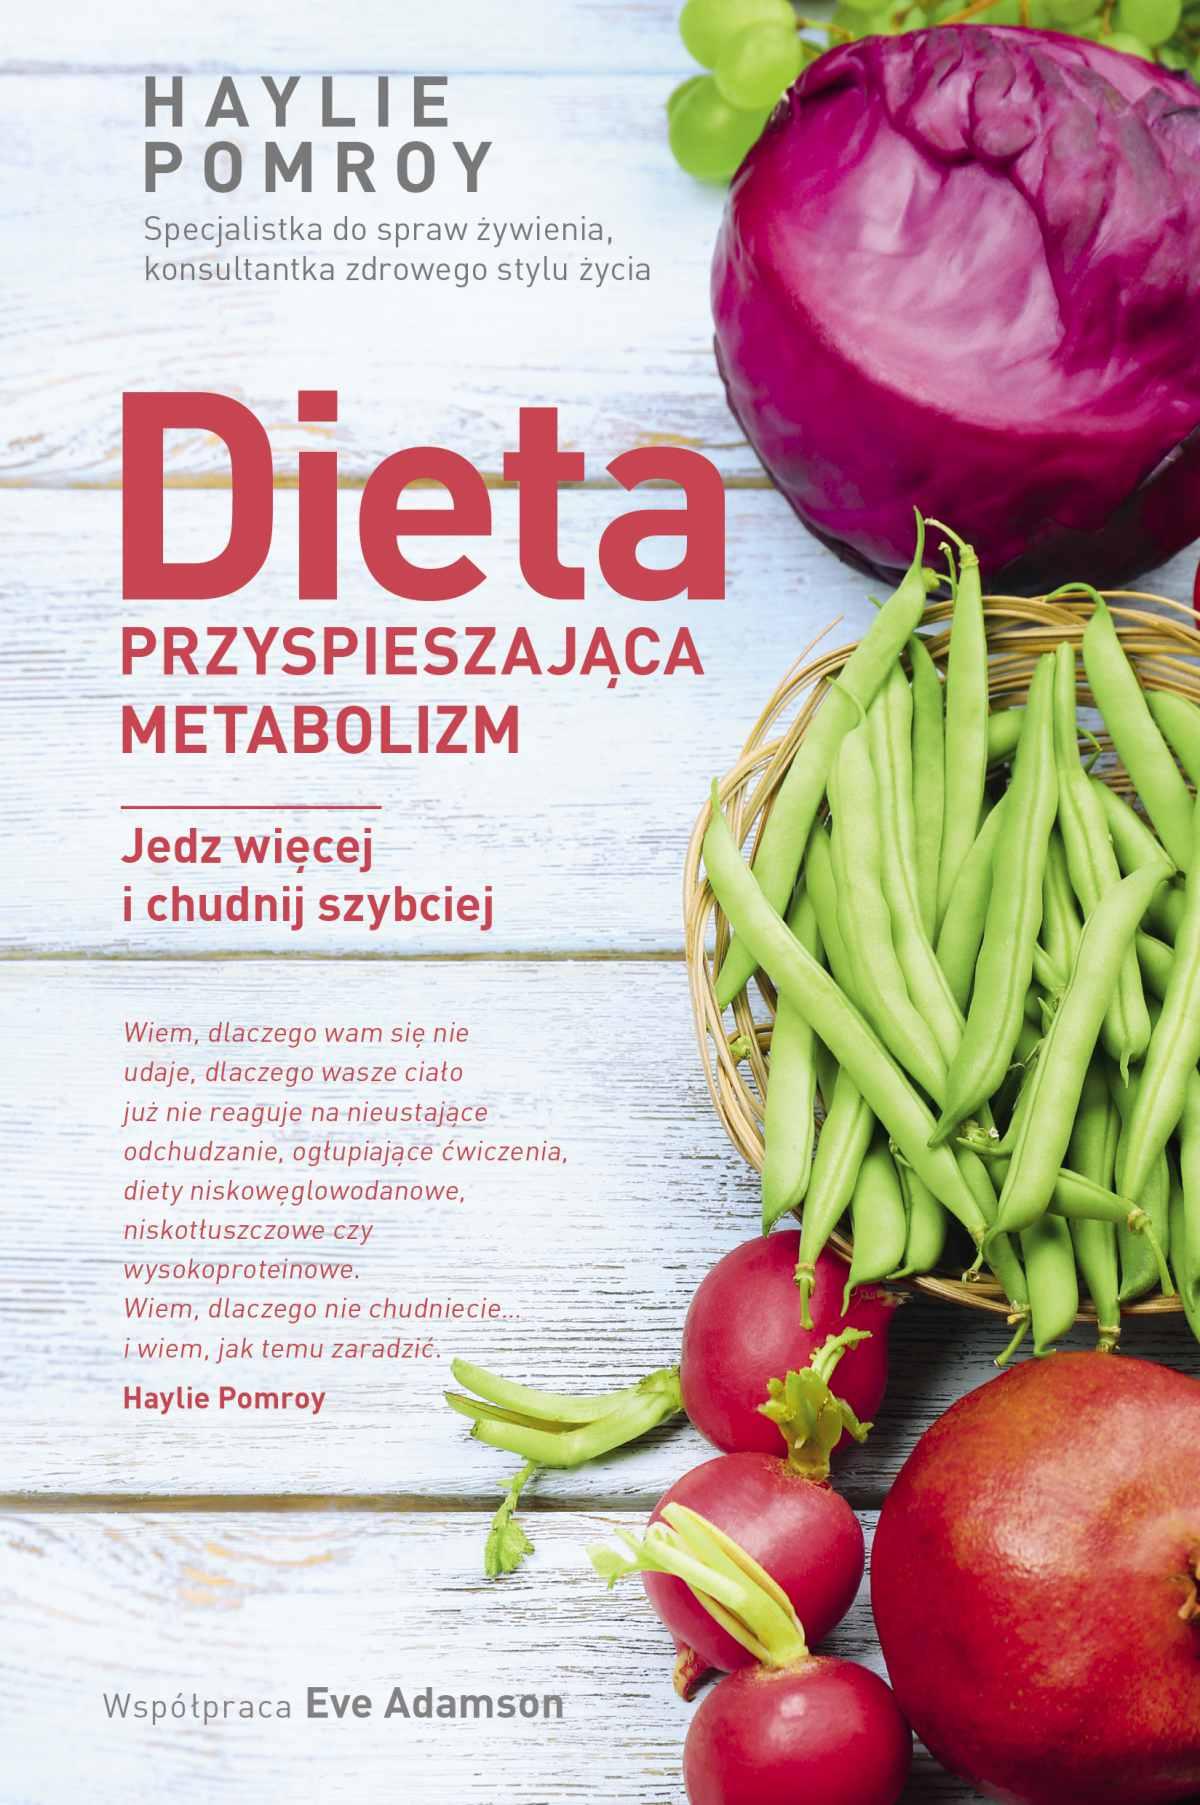 Dieta przyspieszająca metabolizm. Jedz więcej i chudnij szybciej - Ebook (Książka EPUB) do pobrania w formacie EPUB